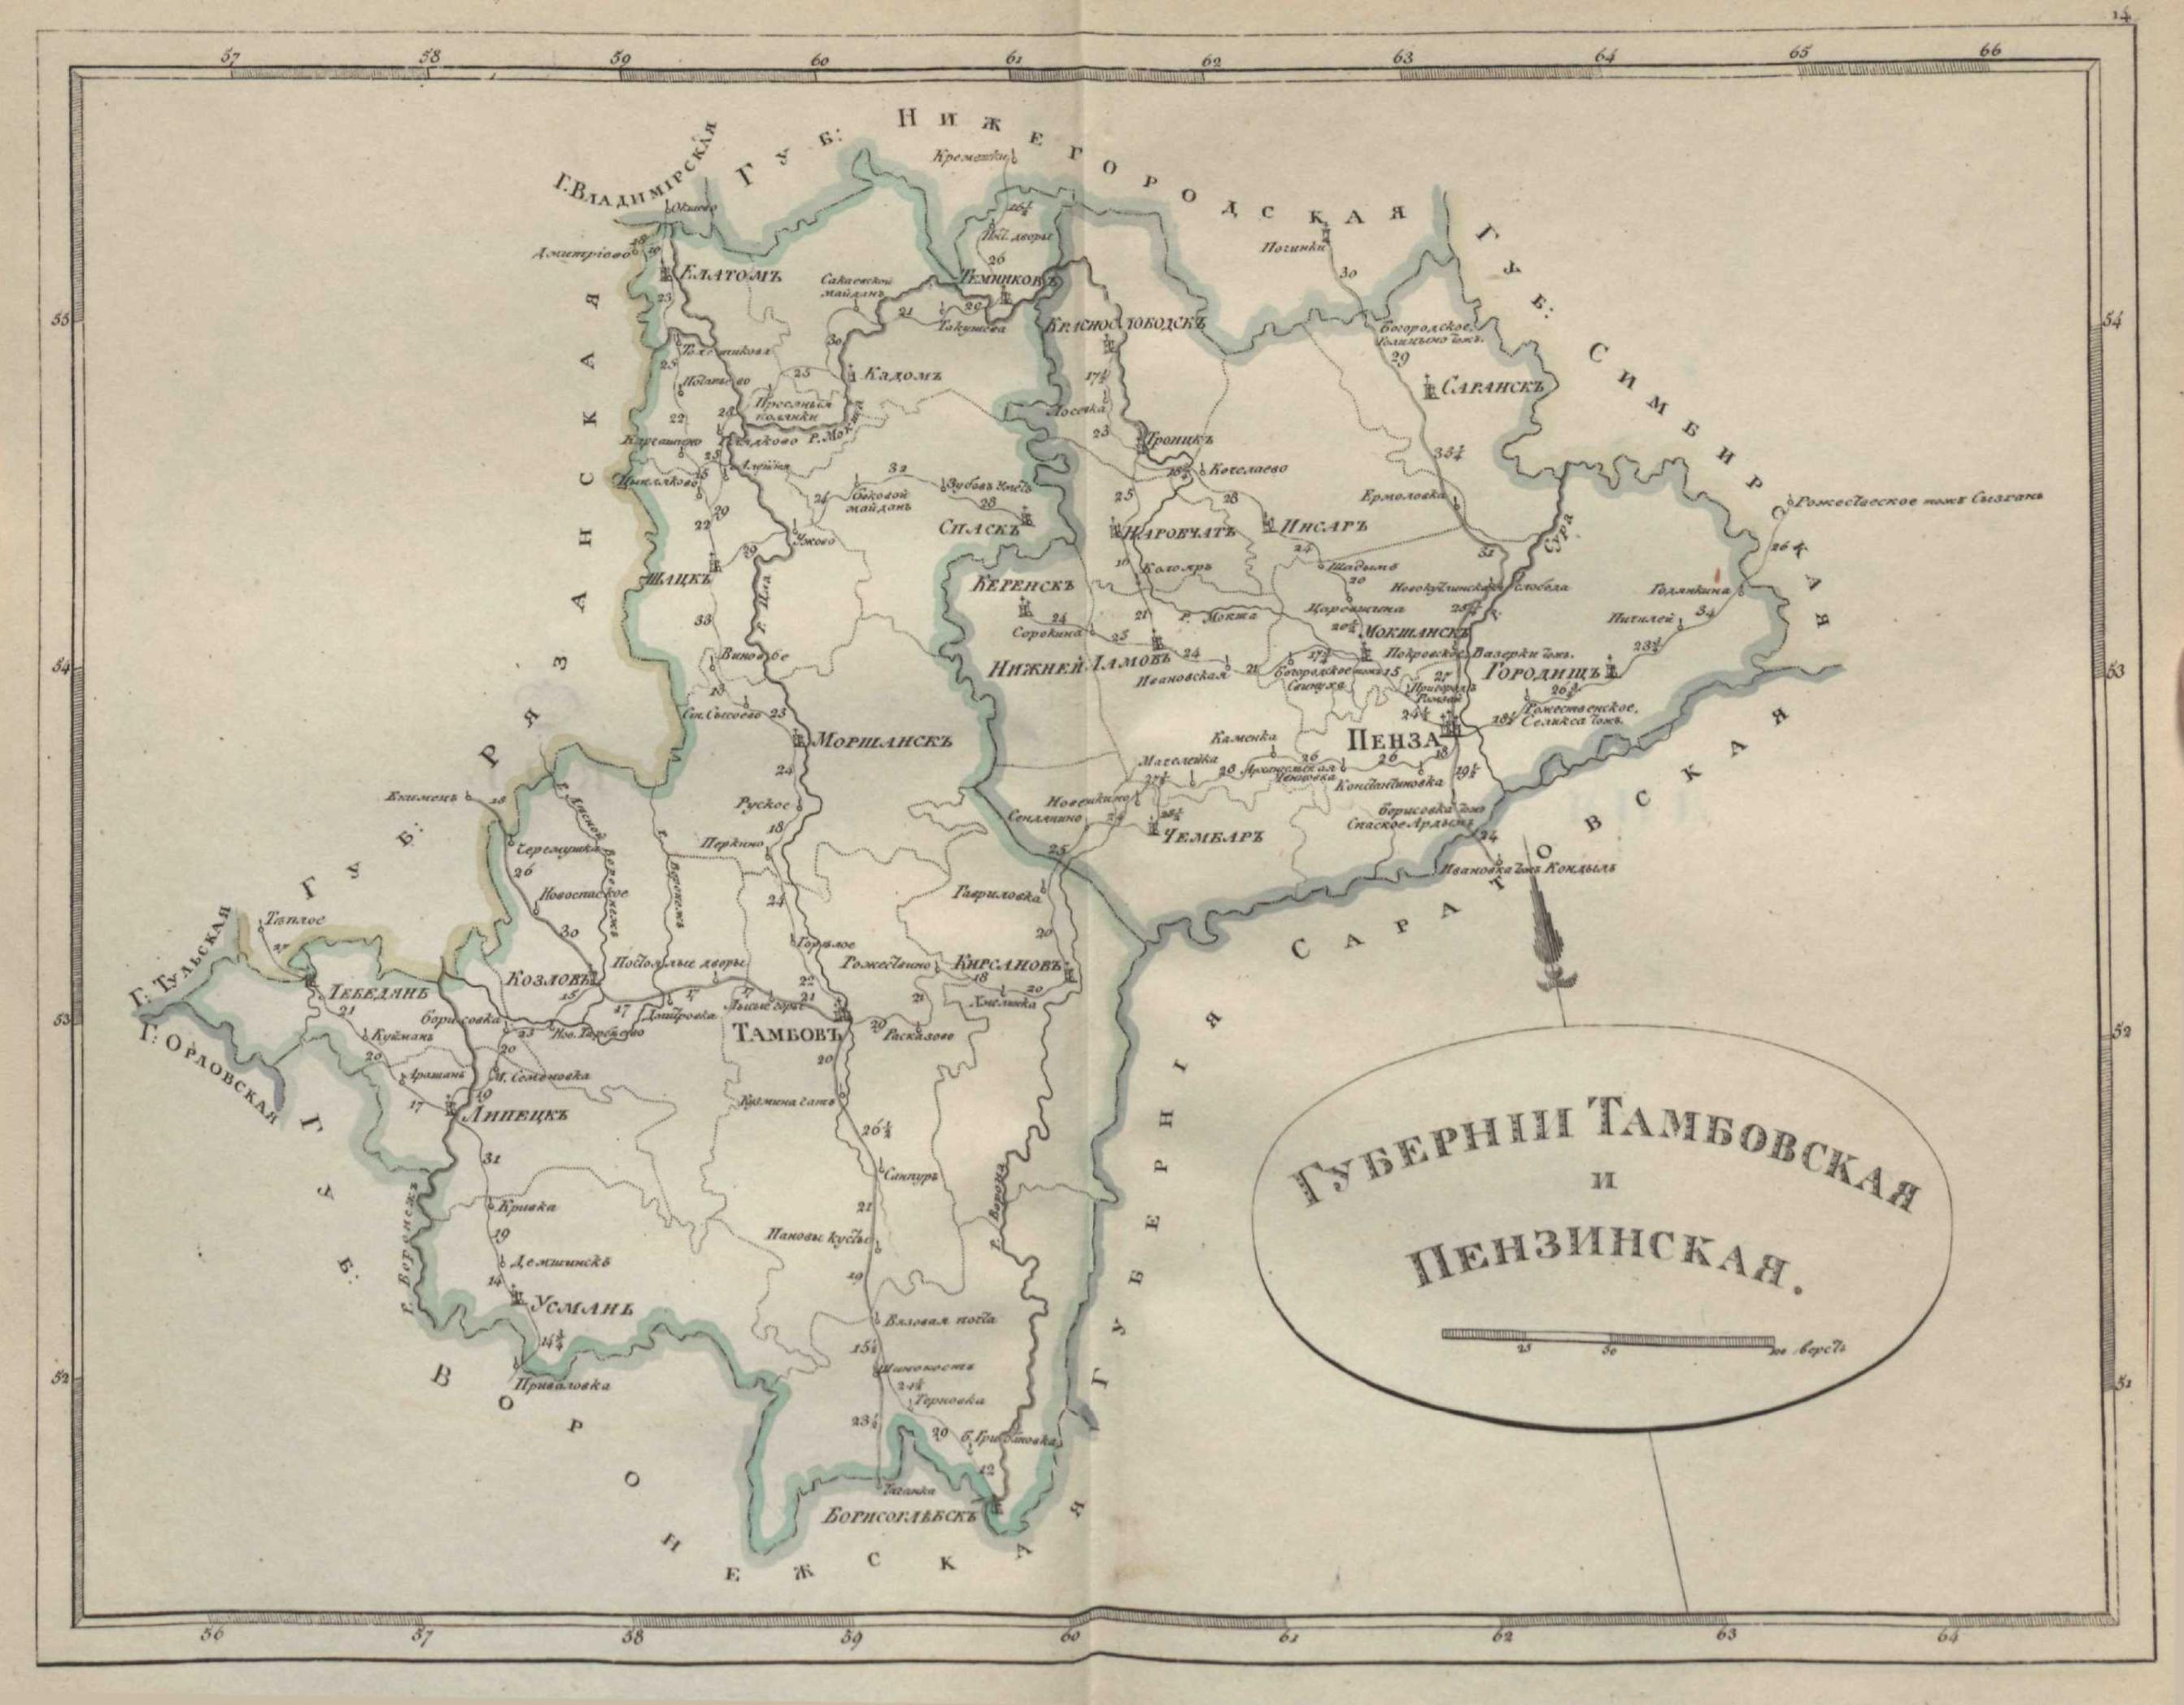 Тамбовская и Пензенская губернии